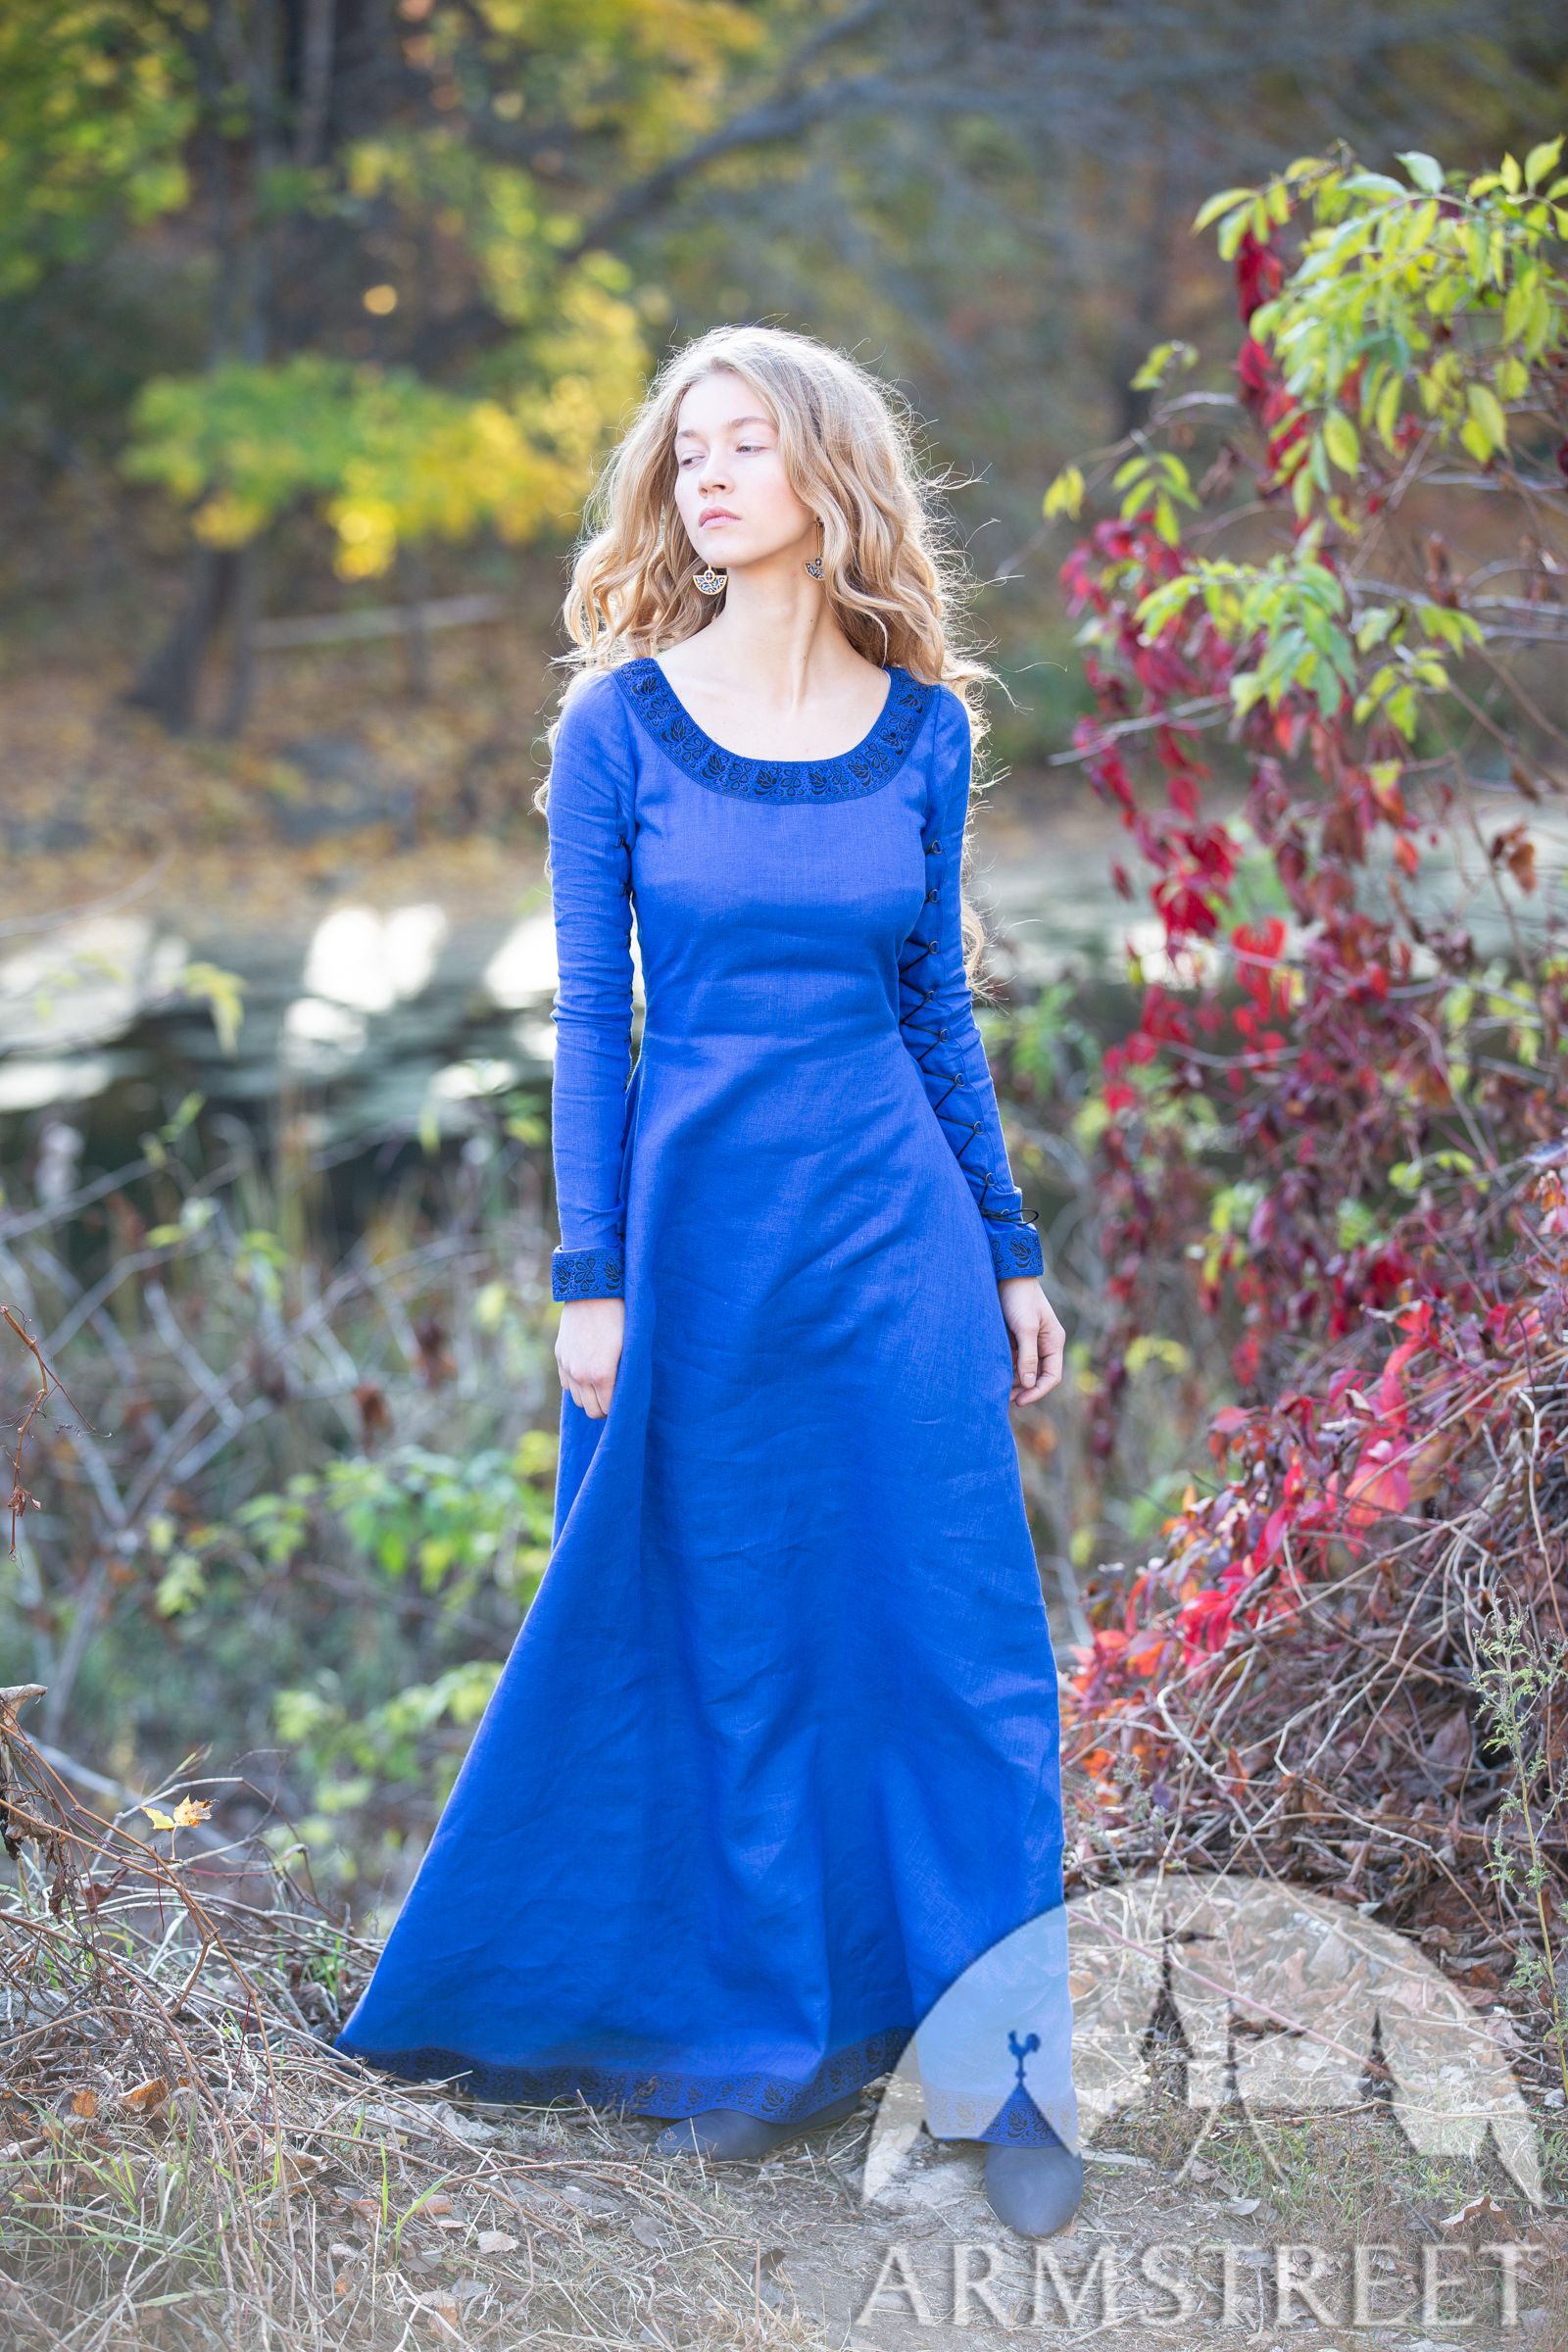 Fantasy Linen Dress Quot Autumn Princess Quot For Sale Available